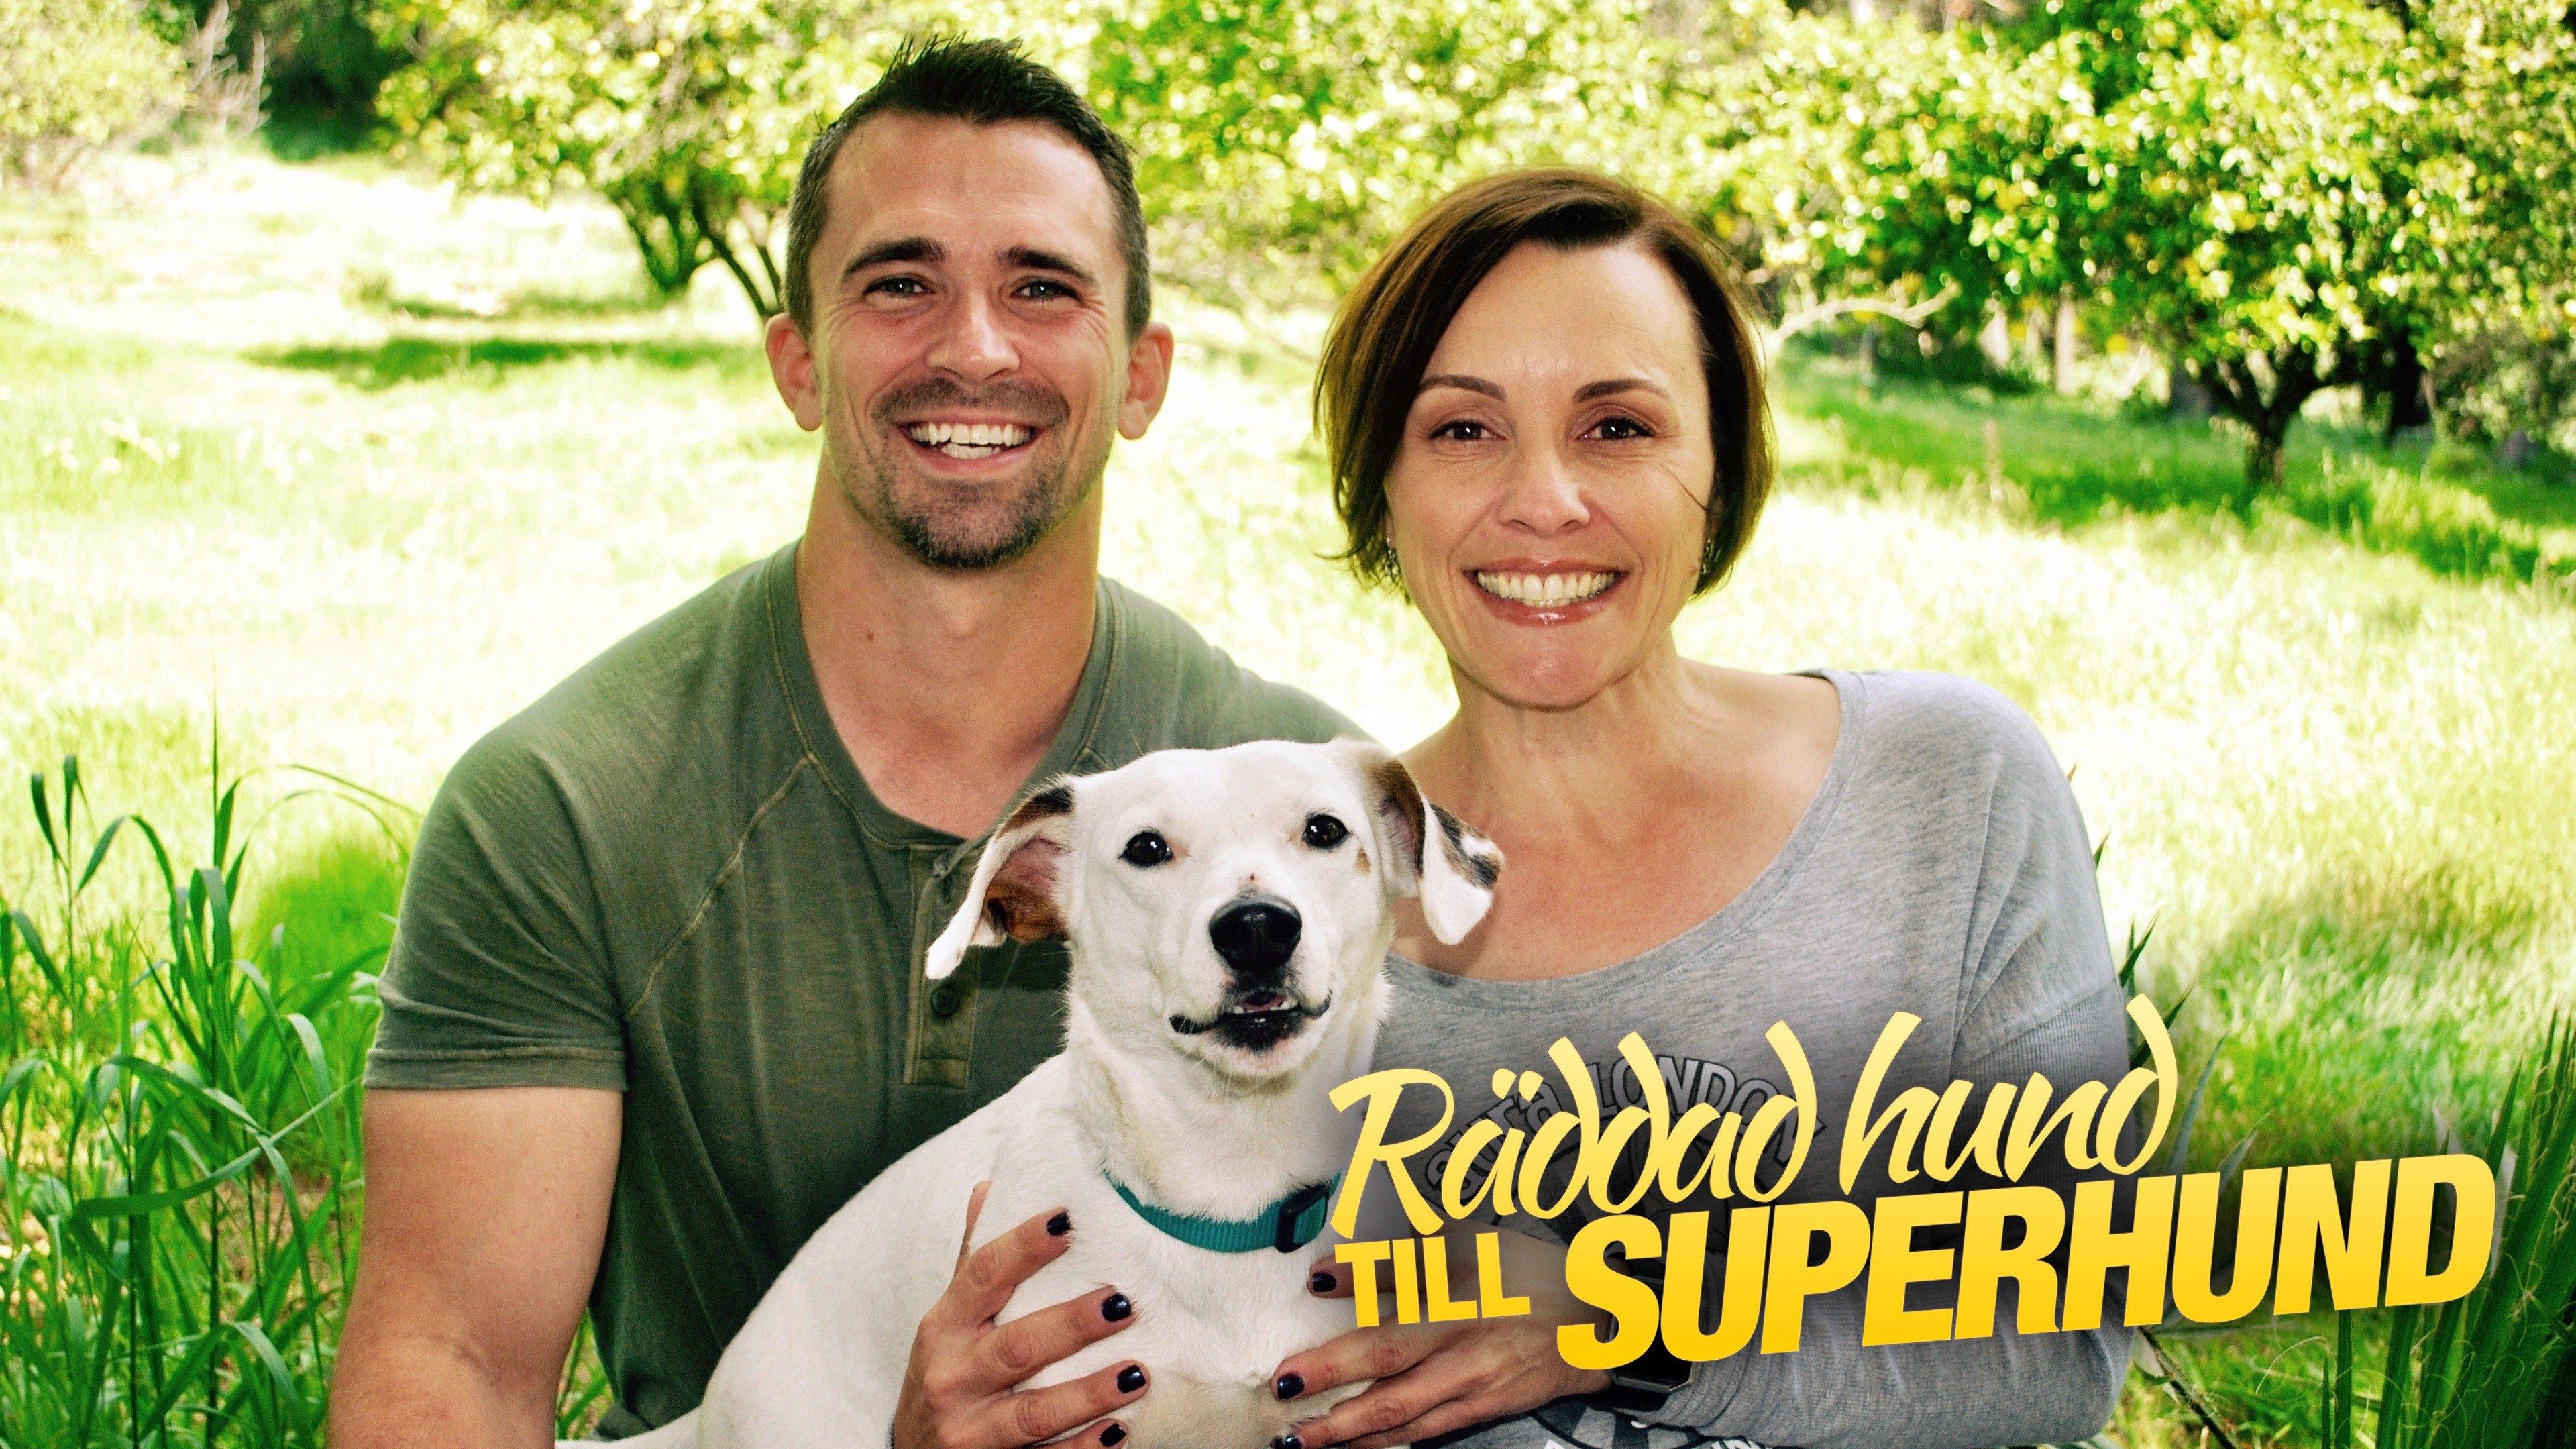 Räddad hund till superhund